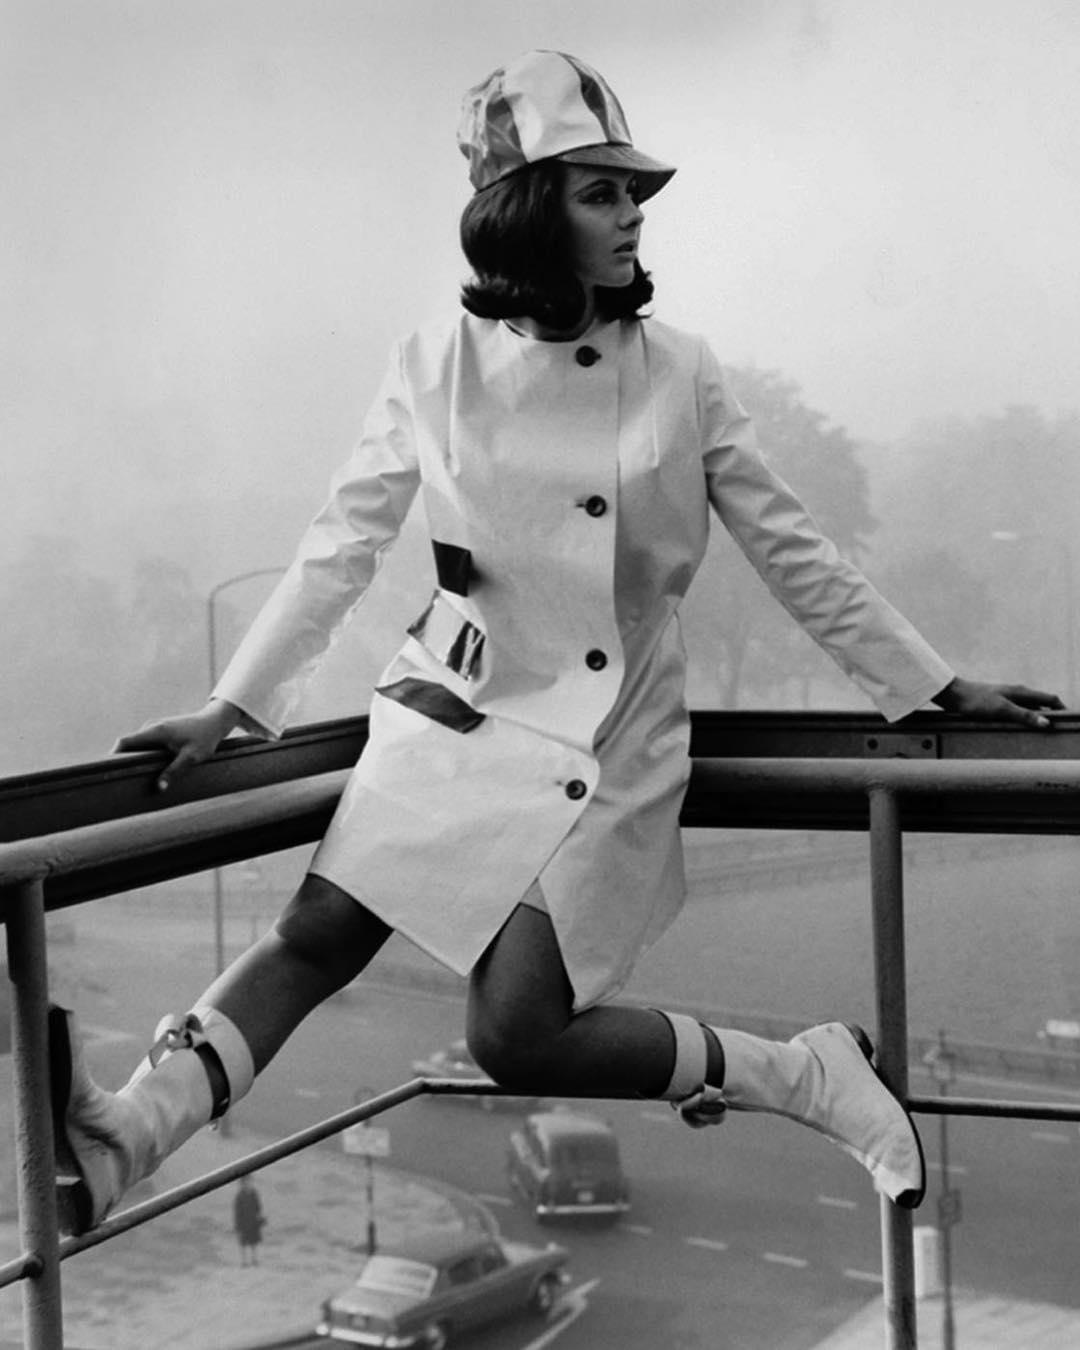 Назад в 60-е: Тренды из прошлого, которые актуальны сегодня-Фото 10